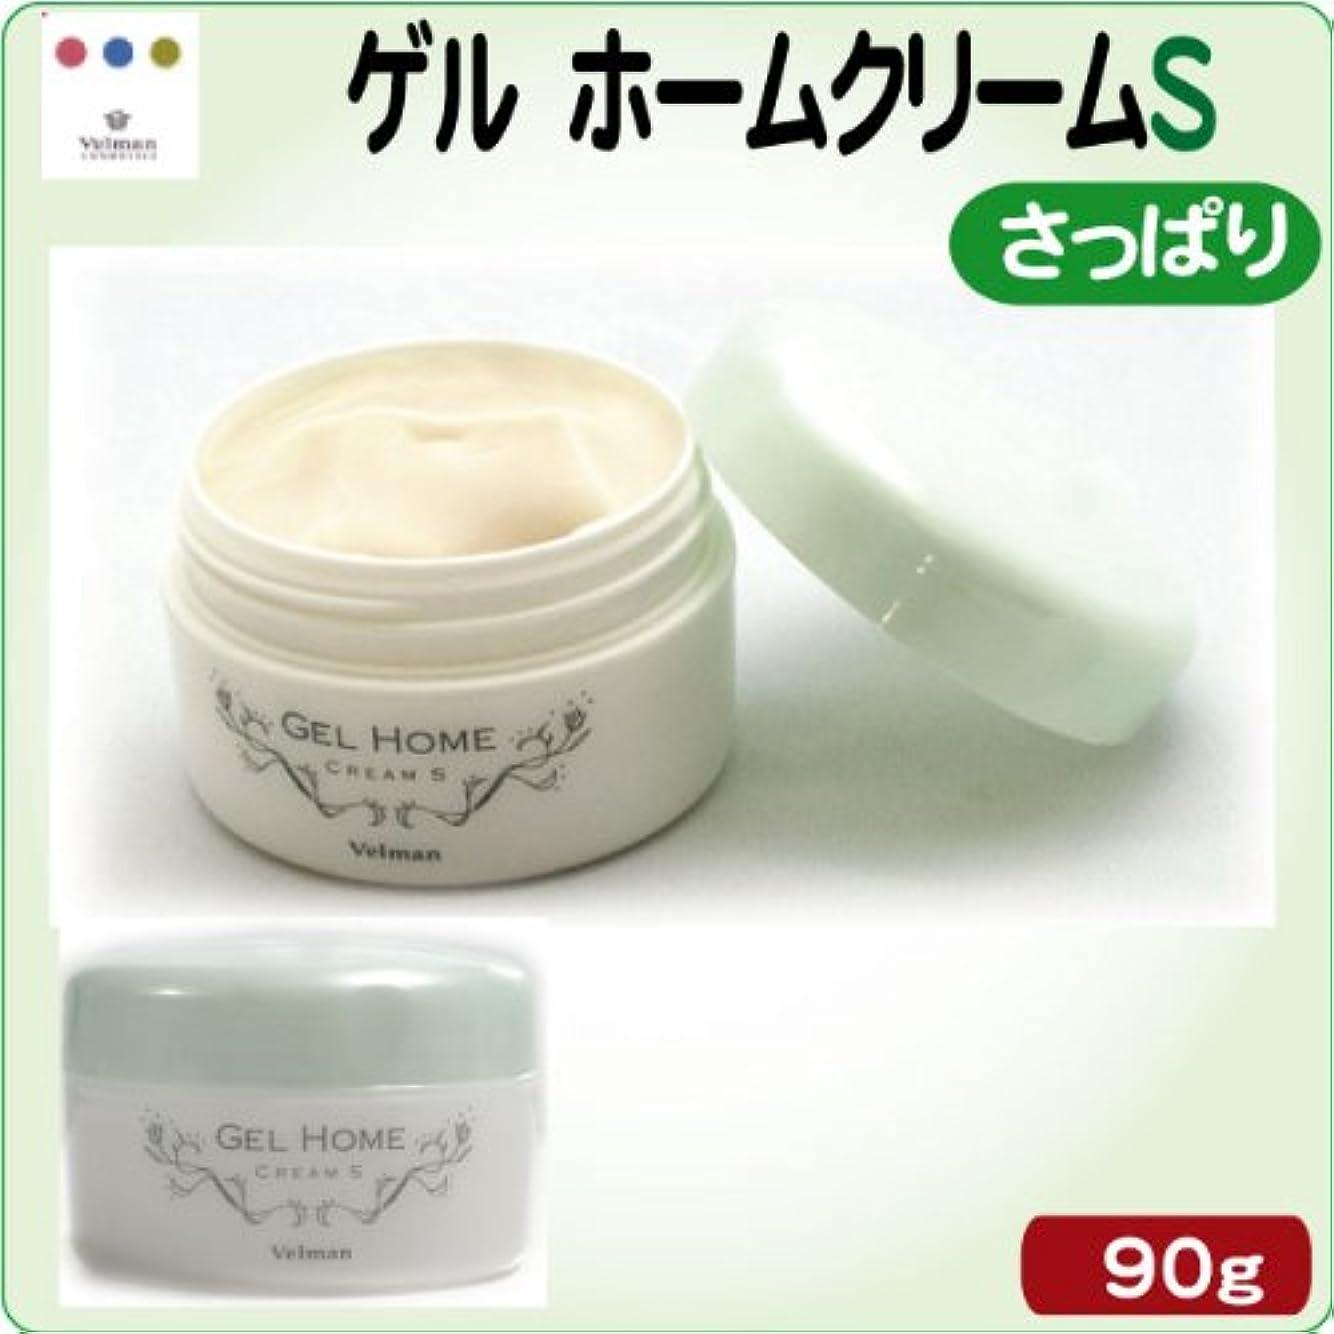 積極的によりマーチャンダイジングベルマン化粧品 NONLOOSE ゲルホームクリームS 【さっぱりタイプ】 90g